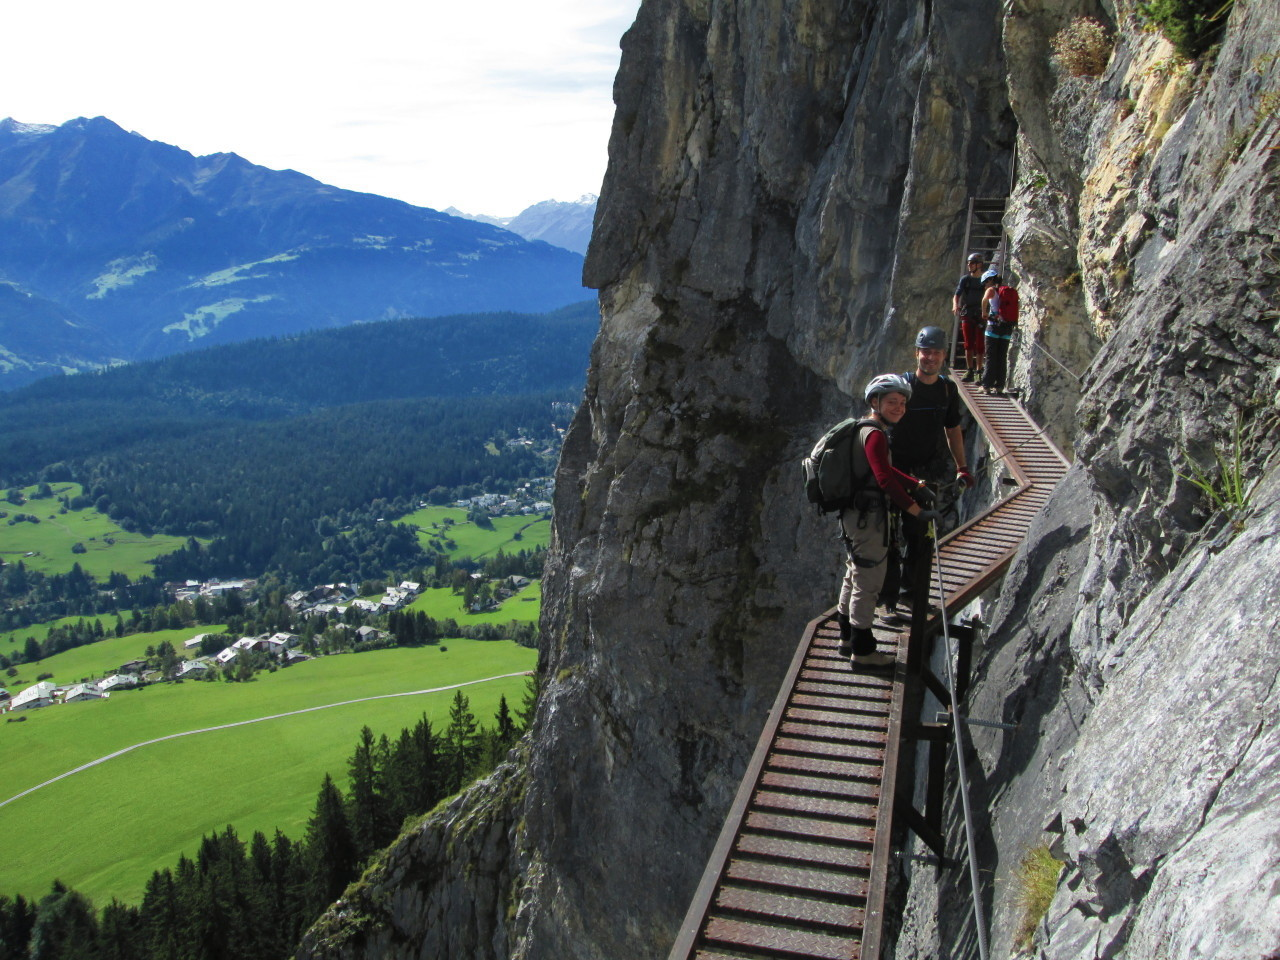 Klettersteig Pinut : Pinut klettersteig in flims hikrorg vinpearl baidai